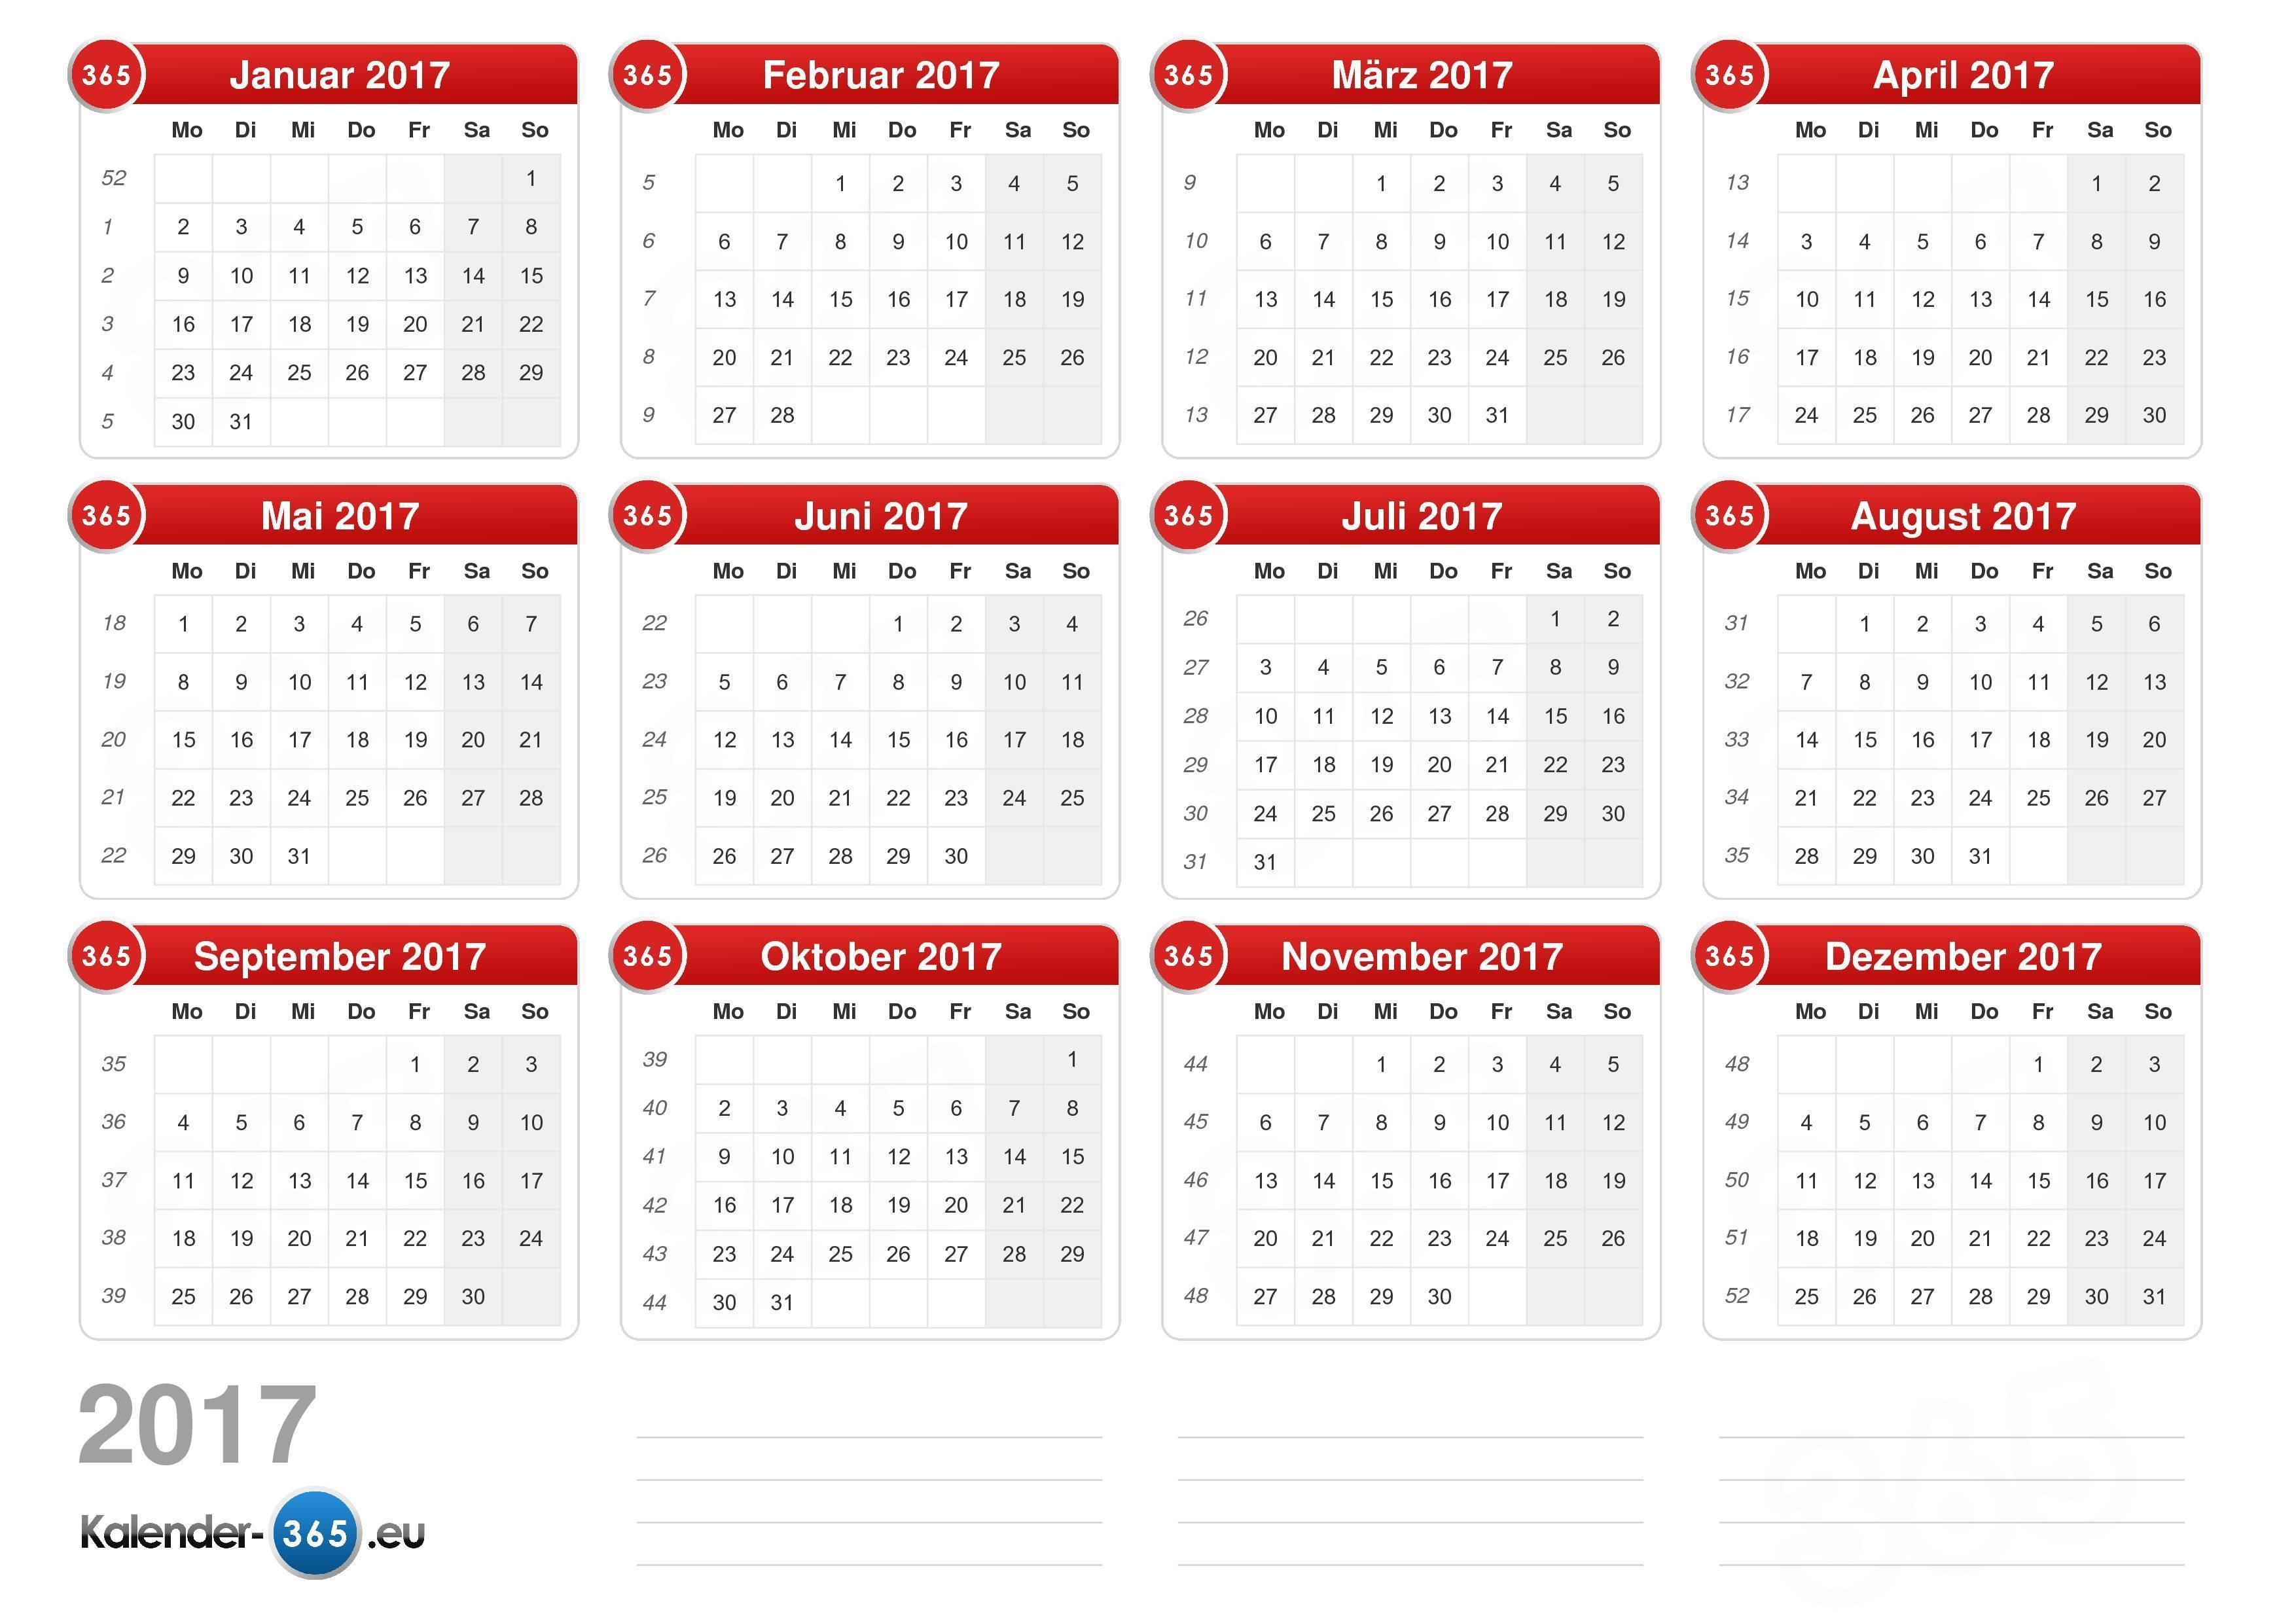 Calendario 2019 Brasil.com.br Más Caliente Kalender Zum Ausdrucken Und Bearbeiten Of Calendario 2019 Brasil.com.br Más Recientemente Liberado Tips associated with Calendario 2018 Calendar Online 2019